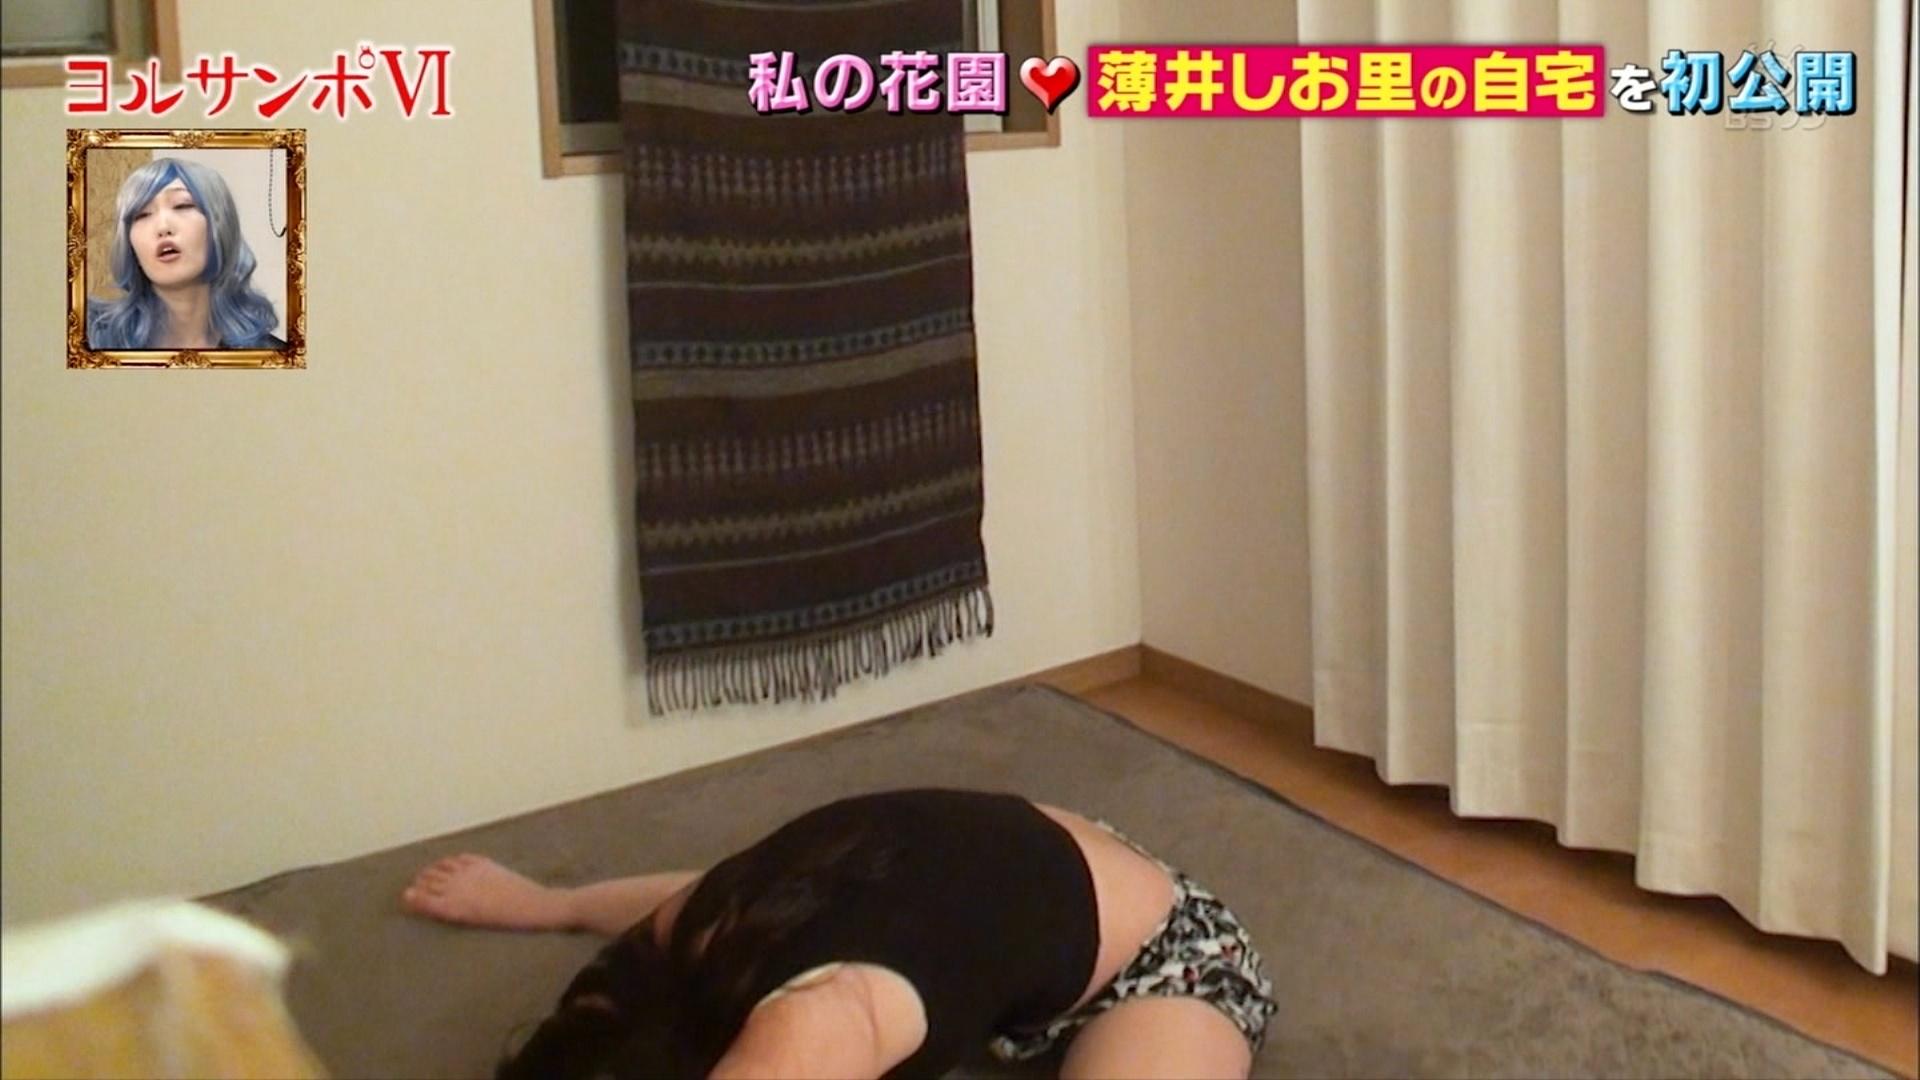 「橋本マナミのヨルサンポⅥ」に出演した薄井しお里さんの画像-022